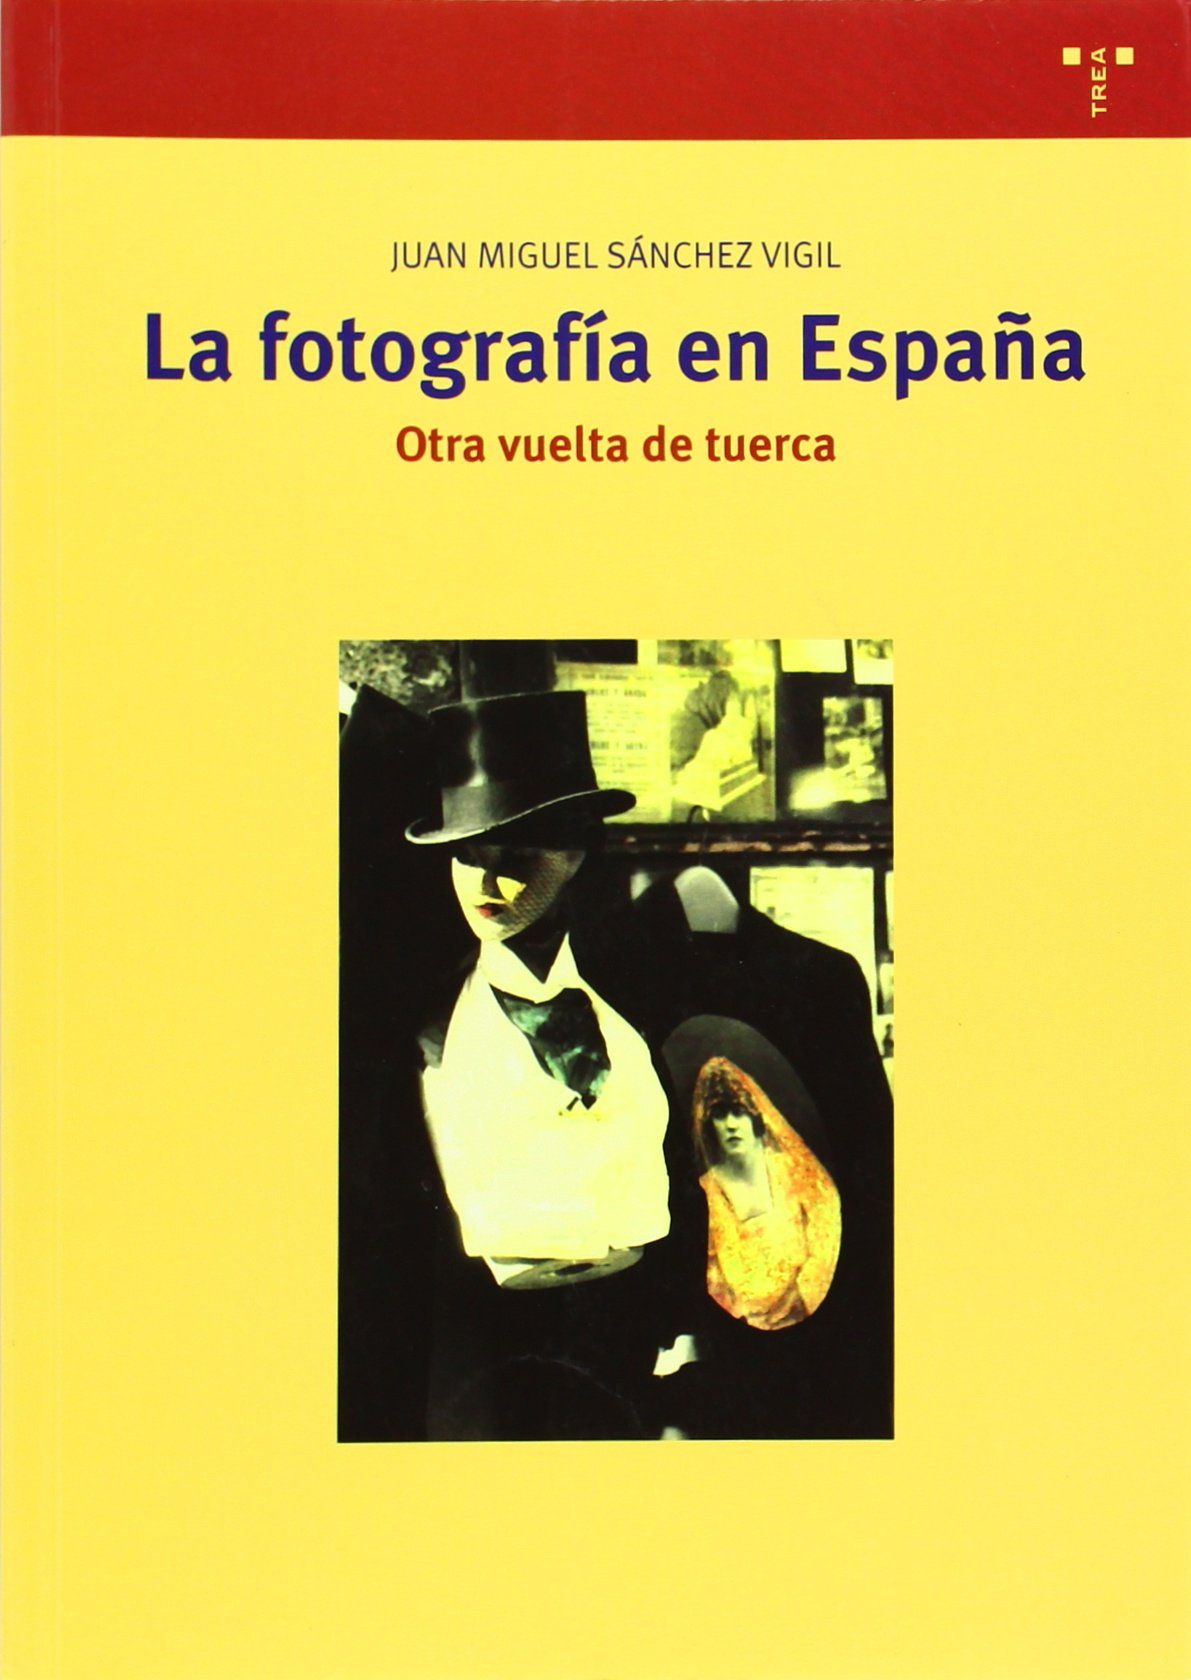 La fotografía en España. Otra vuelta de tuerca: 261 Biblioteconomía y Administración Cultural: Amazon.es: Sánchez Vigil, Juan Miguel: Libros